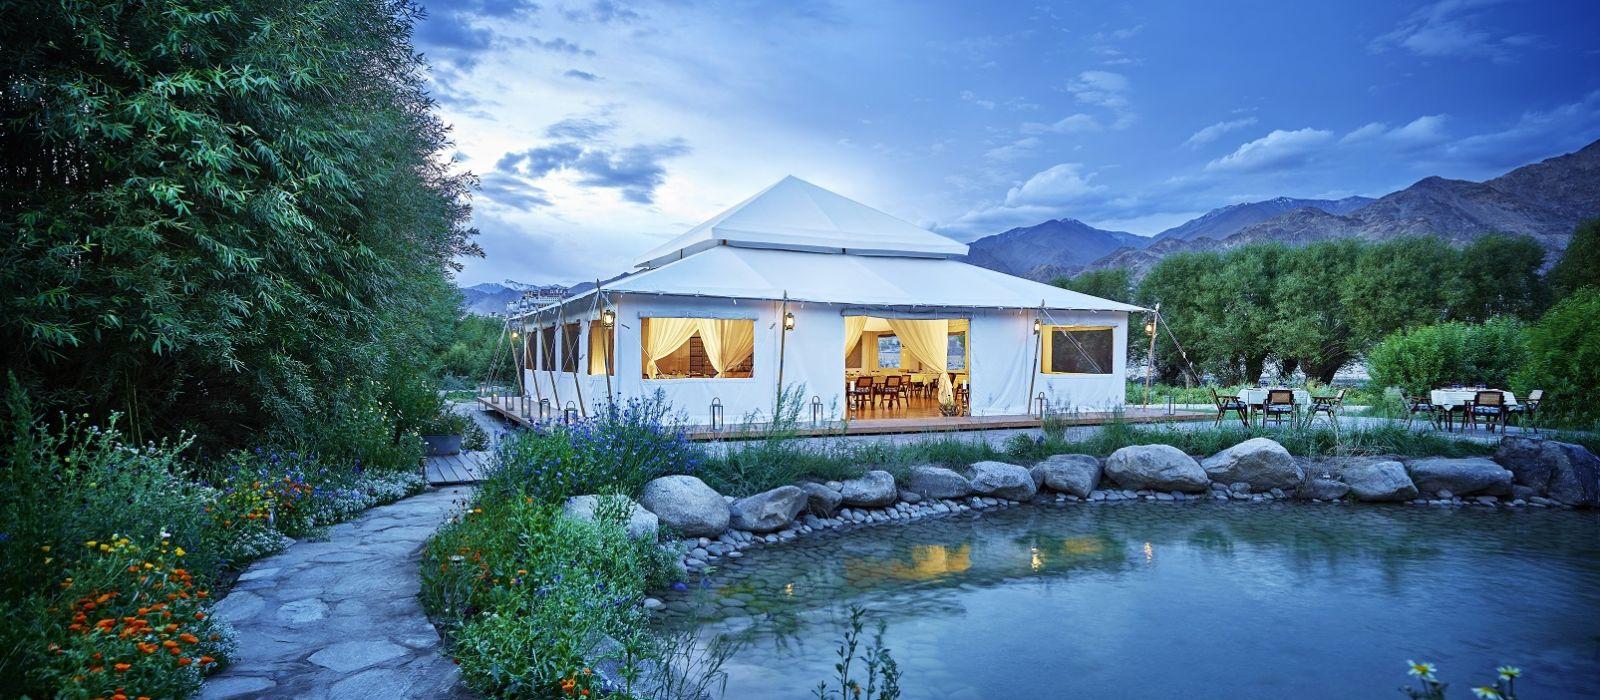 Schlafen unter Sternen auf dem Dach der Welt – Himalaya Luxusreise Urlaub 1